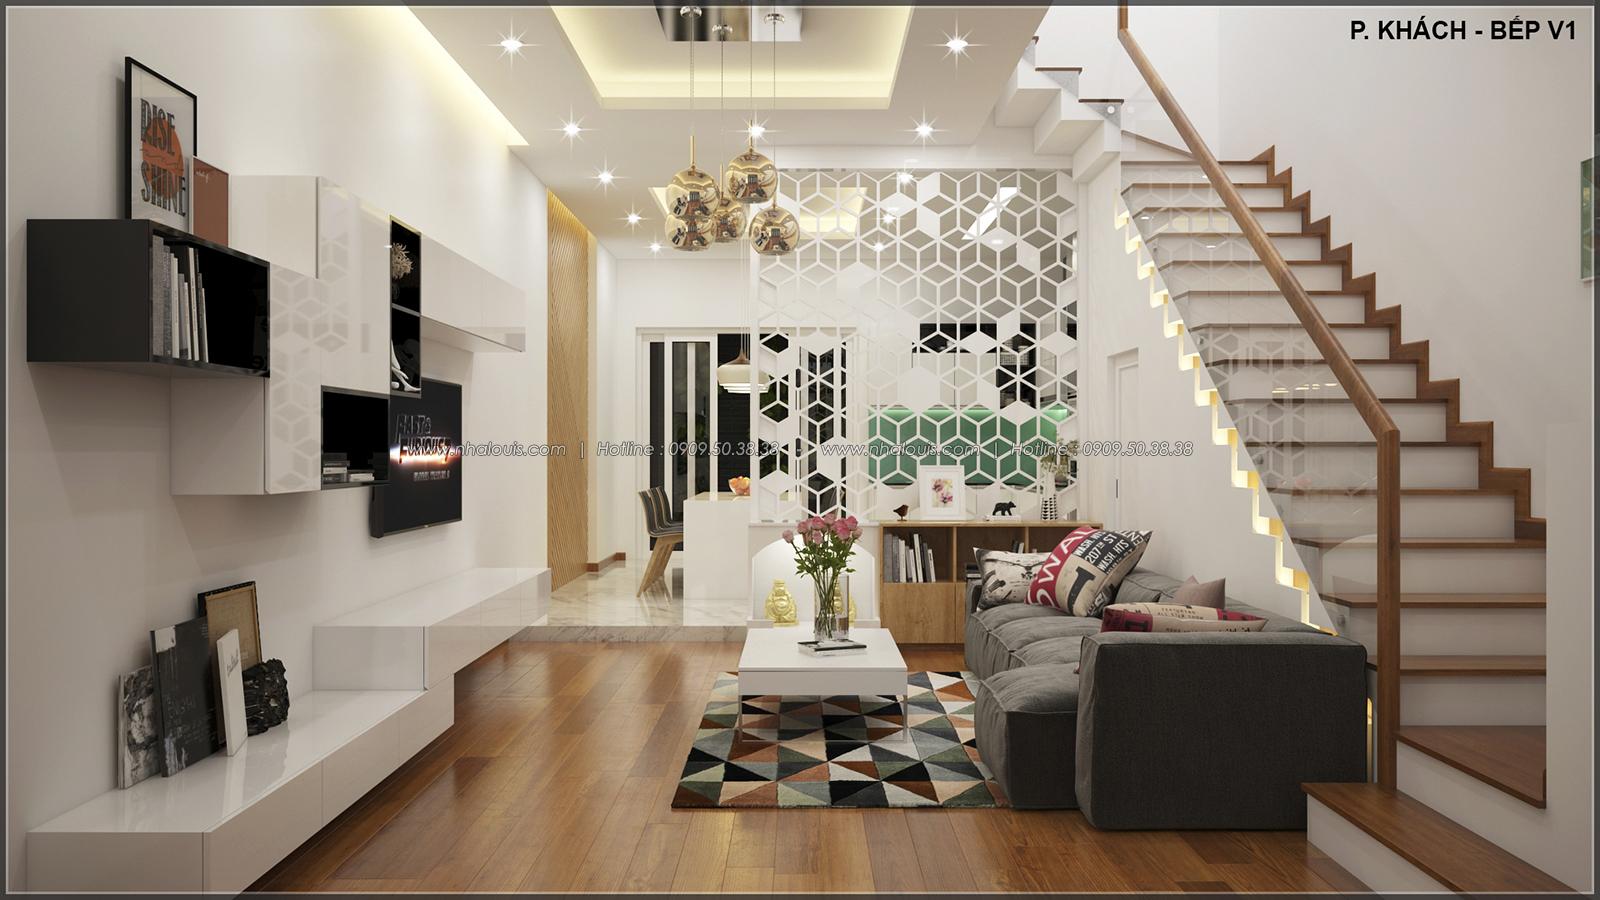 Phòng khách thiết kế nhà ống mặt tiền 5m của chị Linh quận 6 - 5